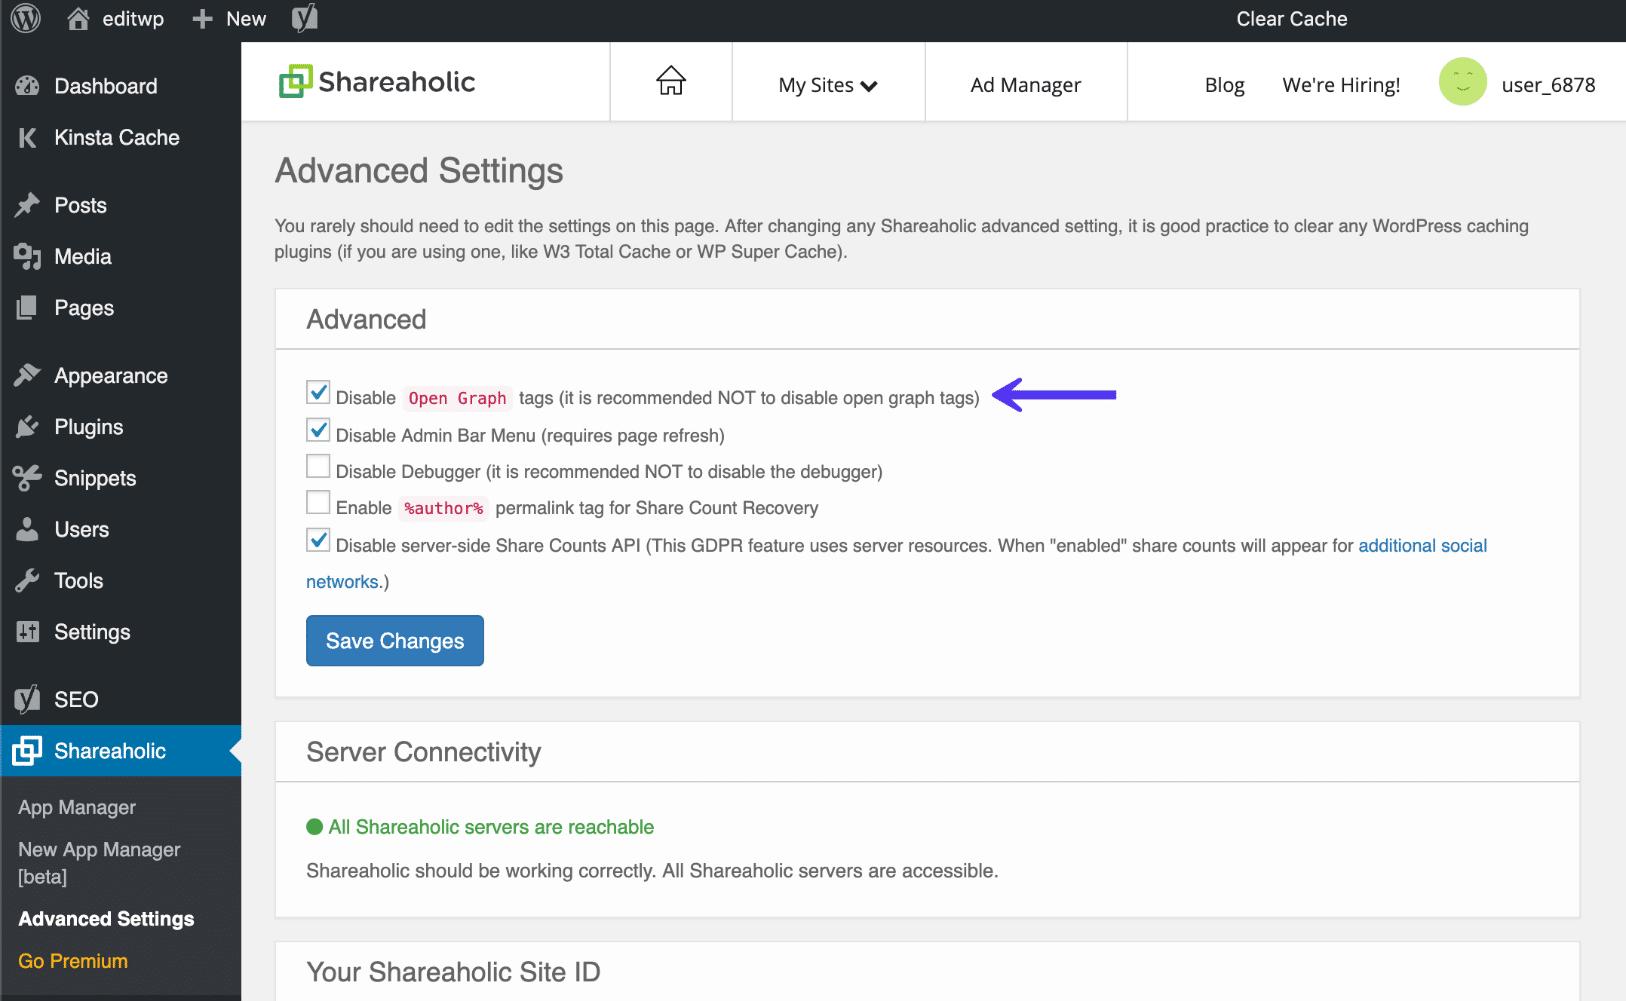 Desactivando tags de gráficas abiertas en Shareaholic